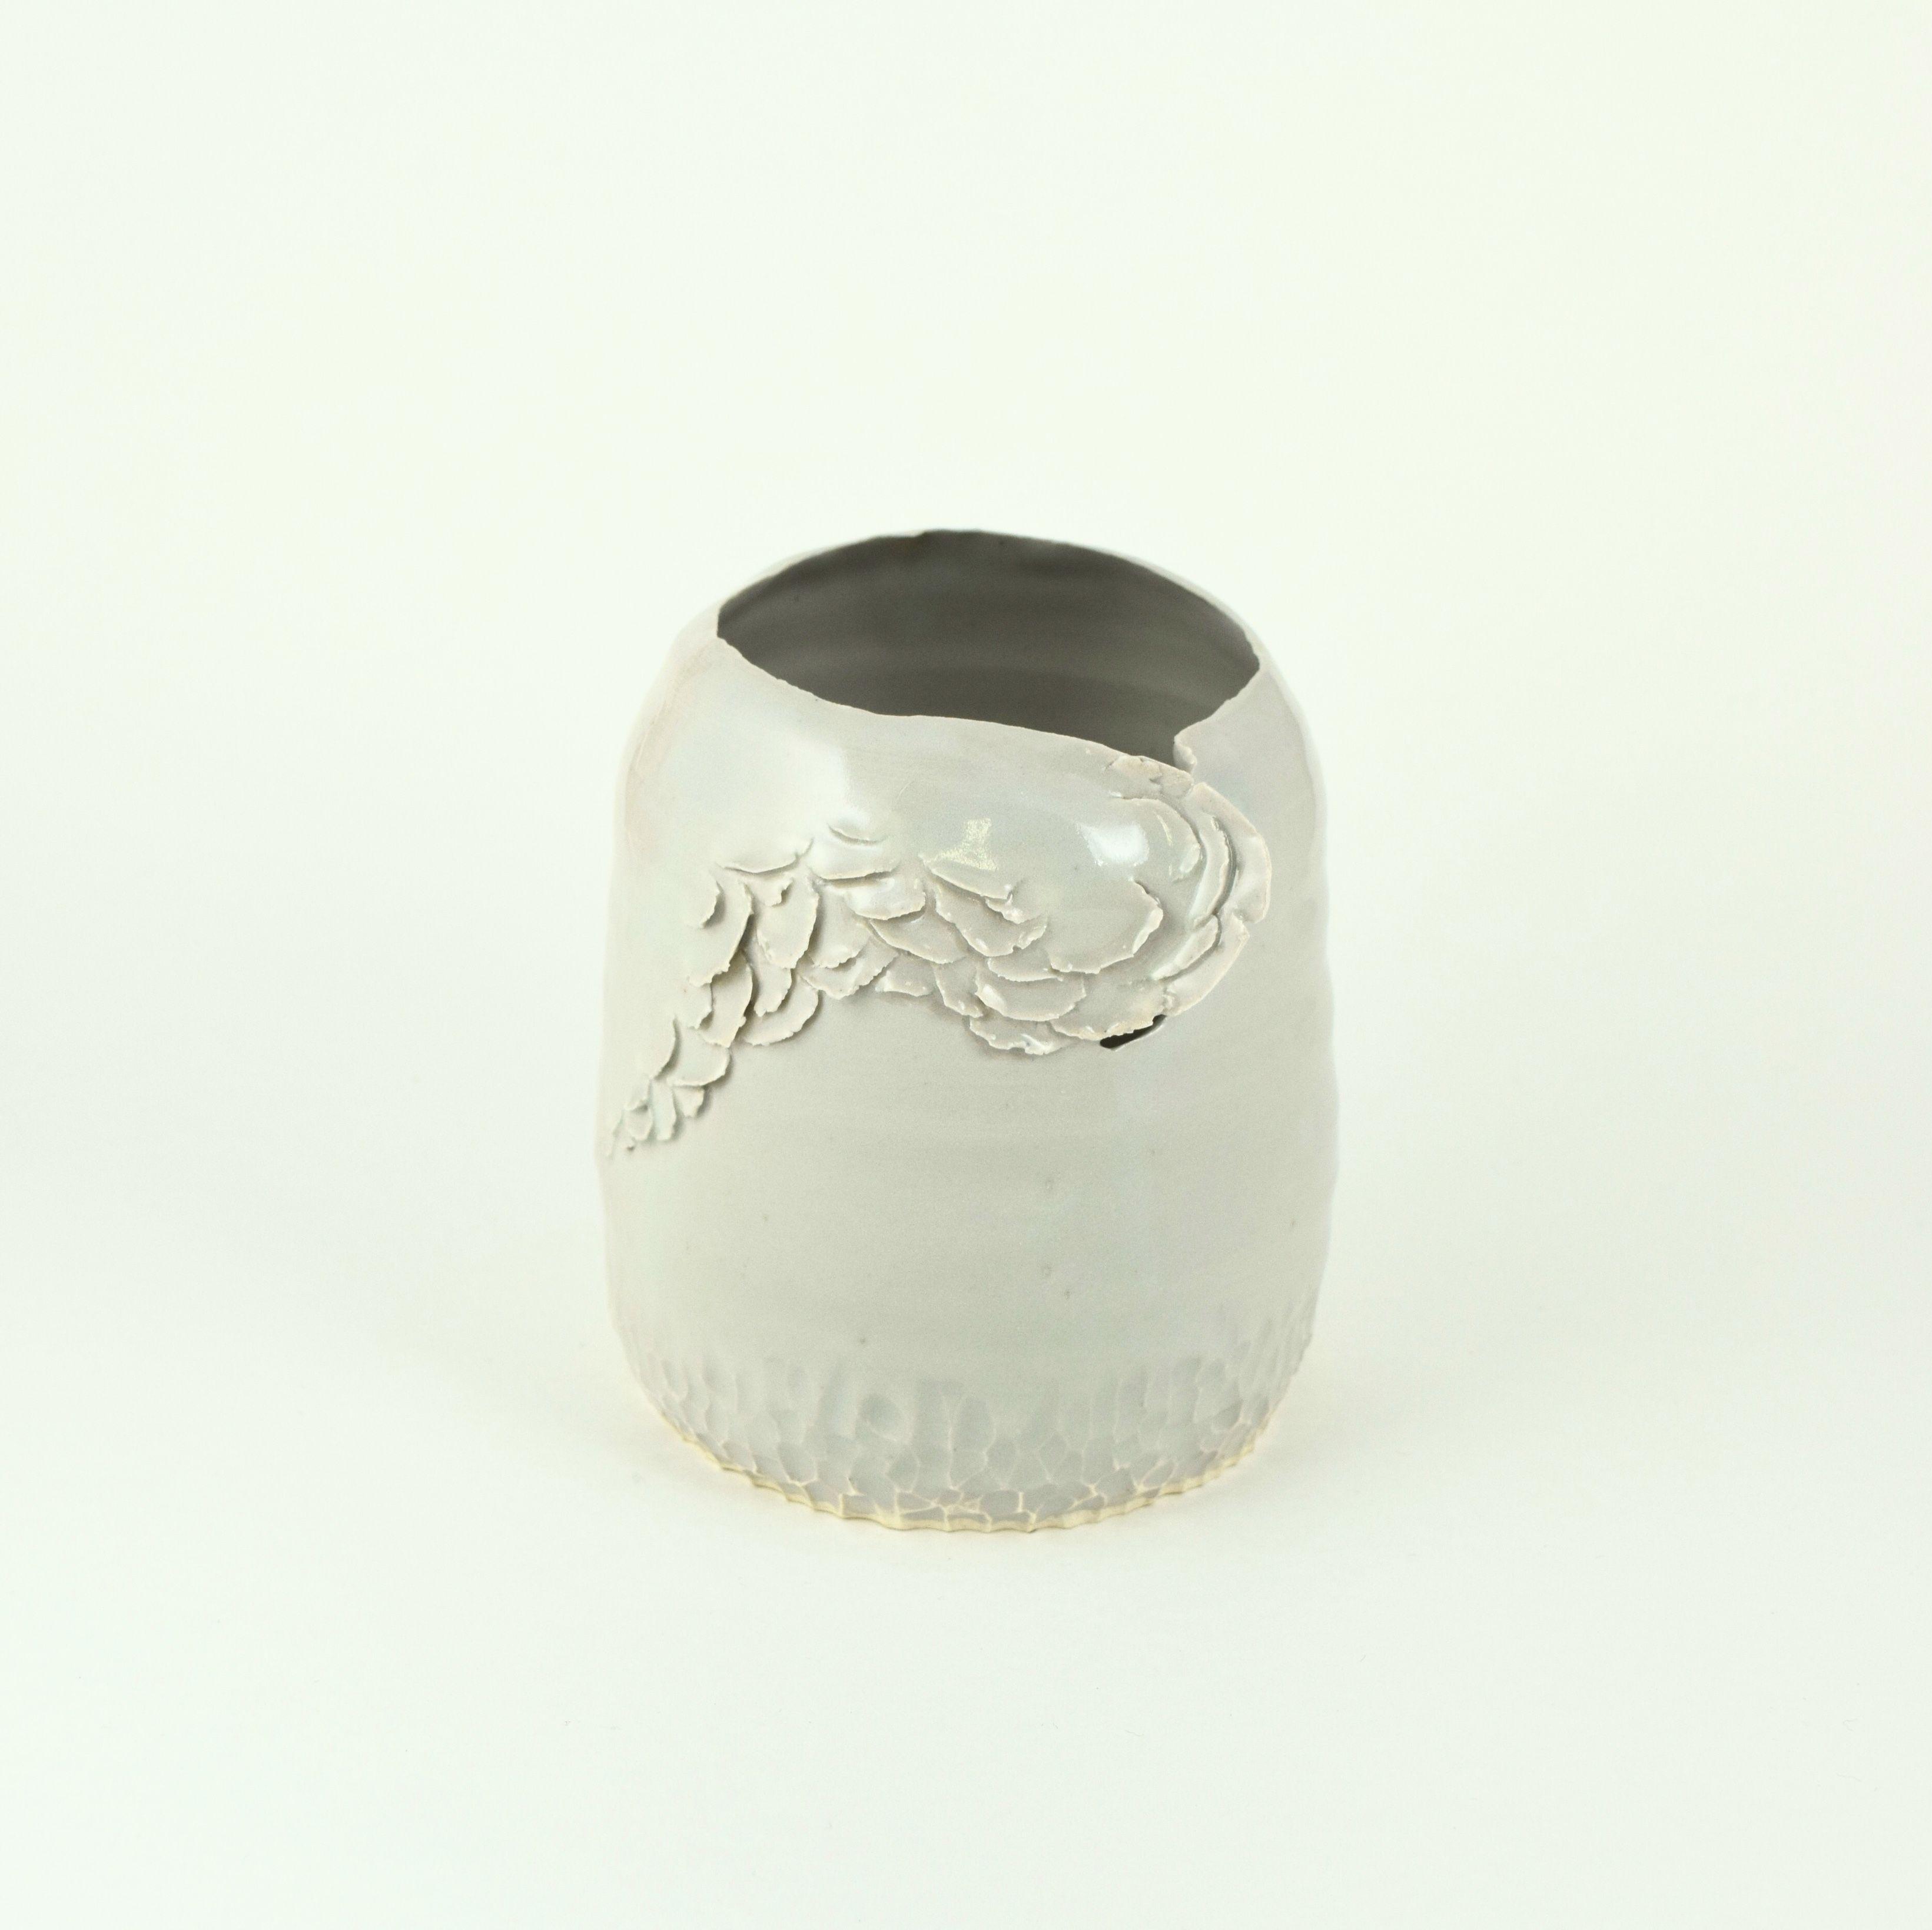 Whimsical porcelain vessel 💜@FrayedAndFragile